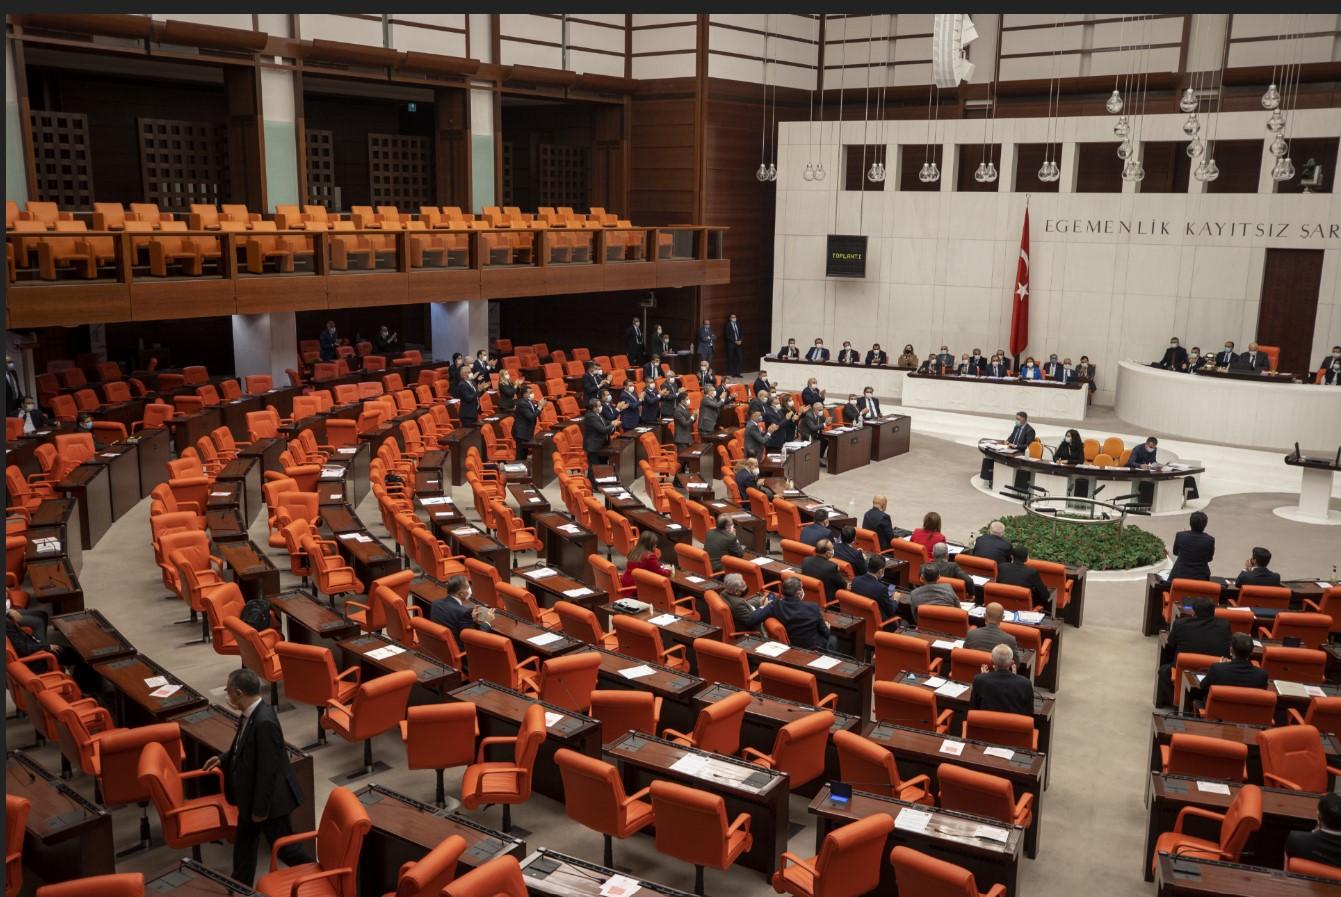 10 fezleke meclise ulaştı: Aralarında Enis Berberoğlu da var!